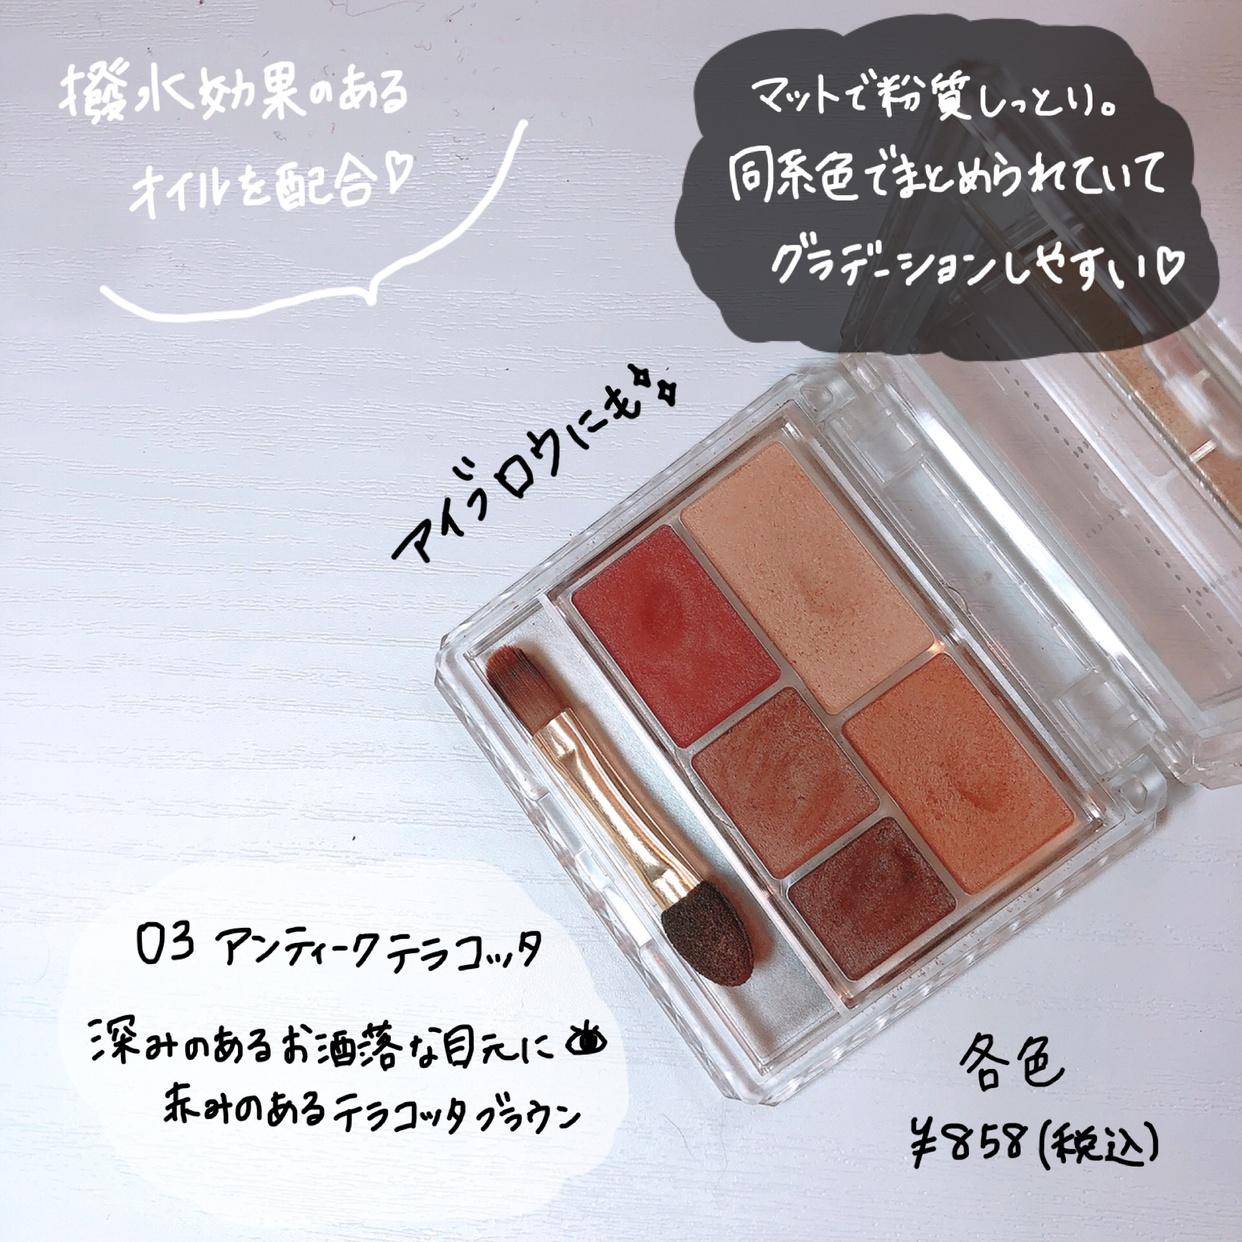 CANMAKE(キャンメイク) パーフェクトマルチアイズを使ったsachikoさんのクチコミ画像2